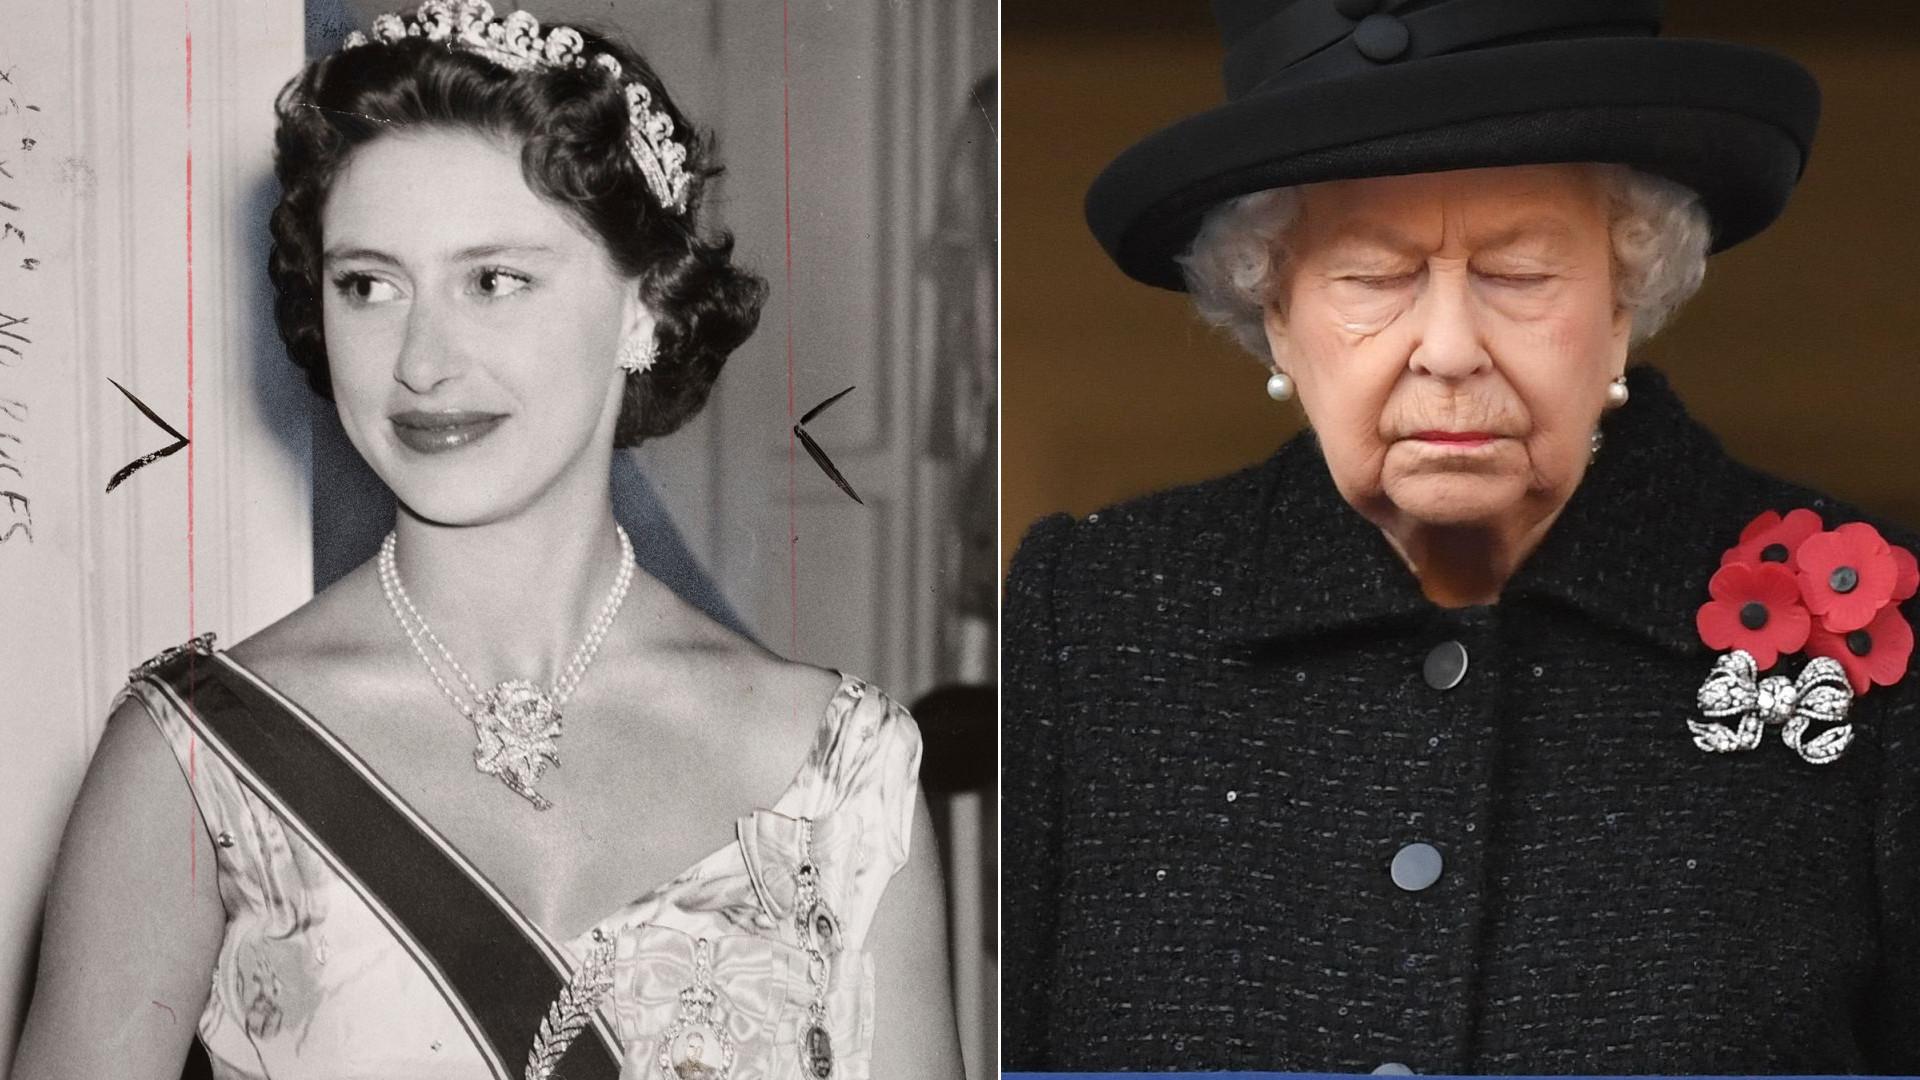 Siostra Królowej Elżbiety – Księżniczka Małgorzata oskarżona o molestowanie